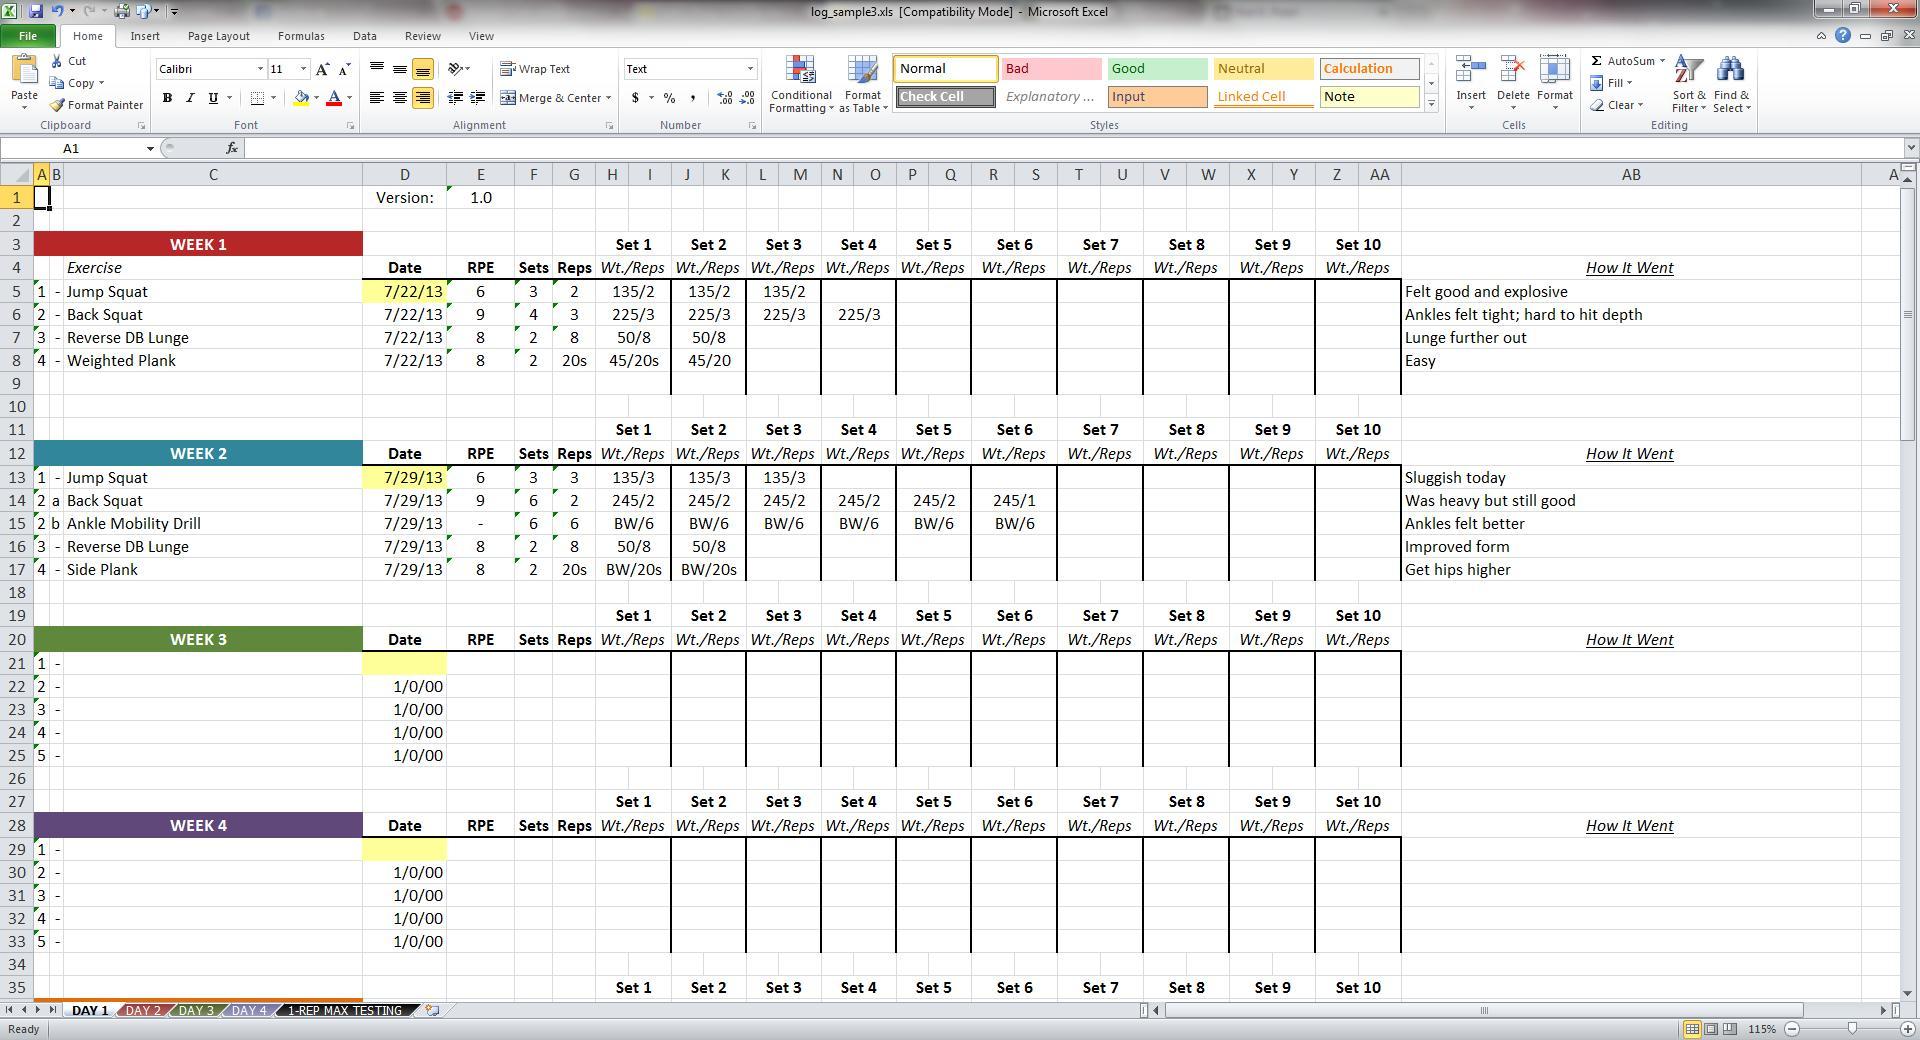 Training Tracking Spreadsheet Regarding Free Employee Training Tracking Spreadsheet Fresh Tracker